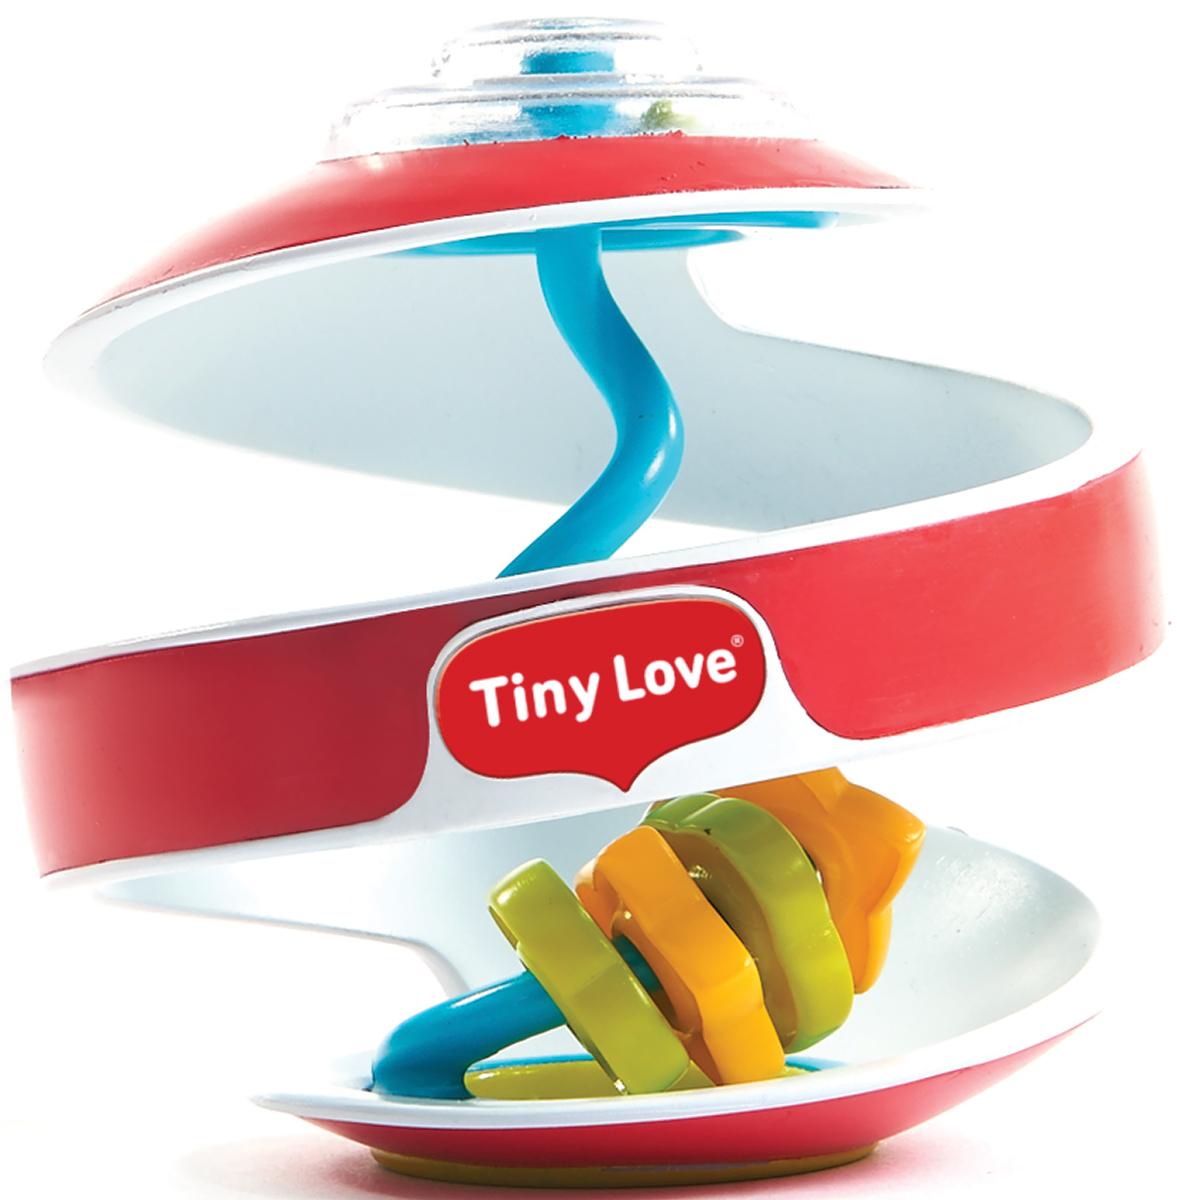 Tiny Love Развивающая игрушка Чудо-шар цвет красный развивающая игрушка погремушка tiny love волшебный шарик